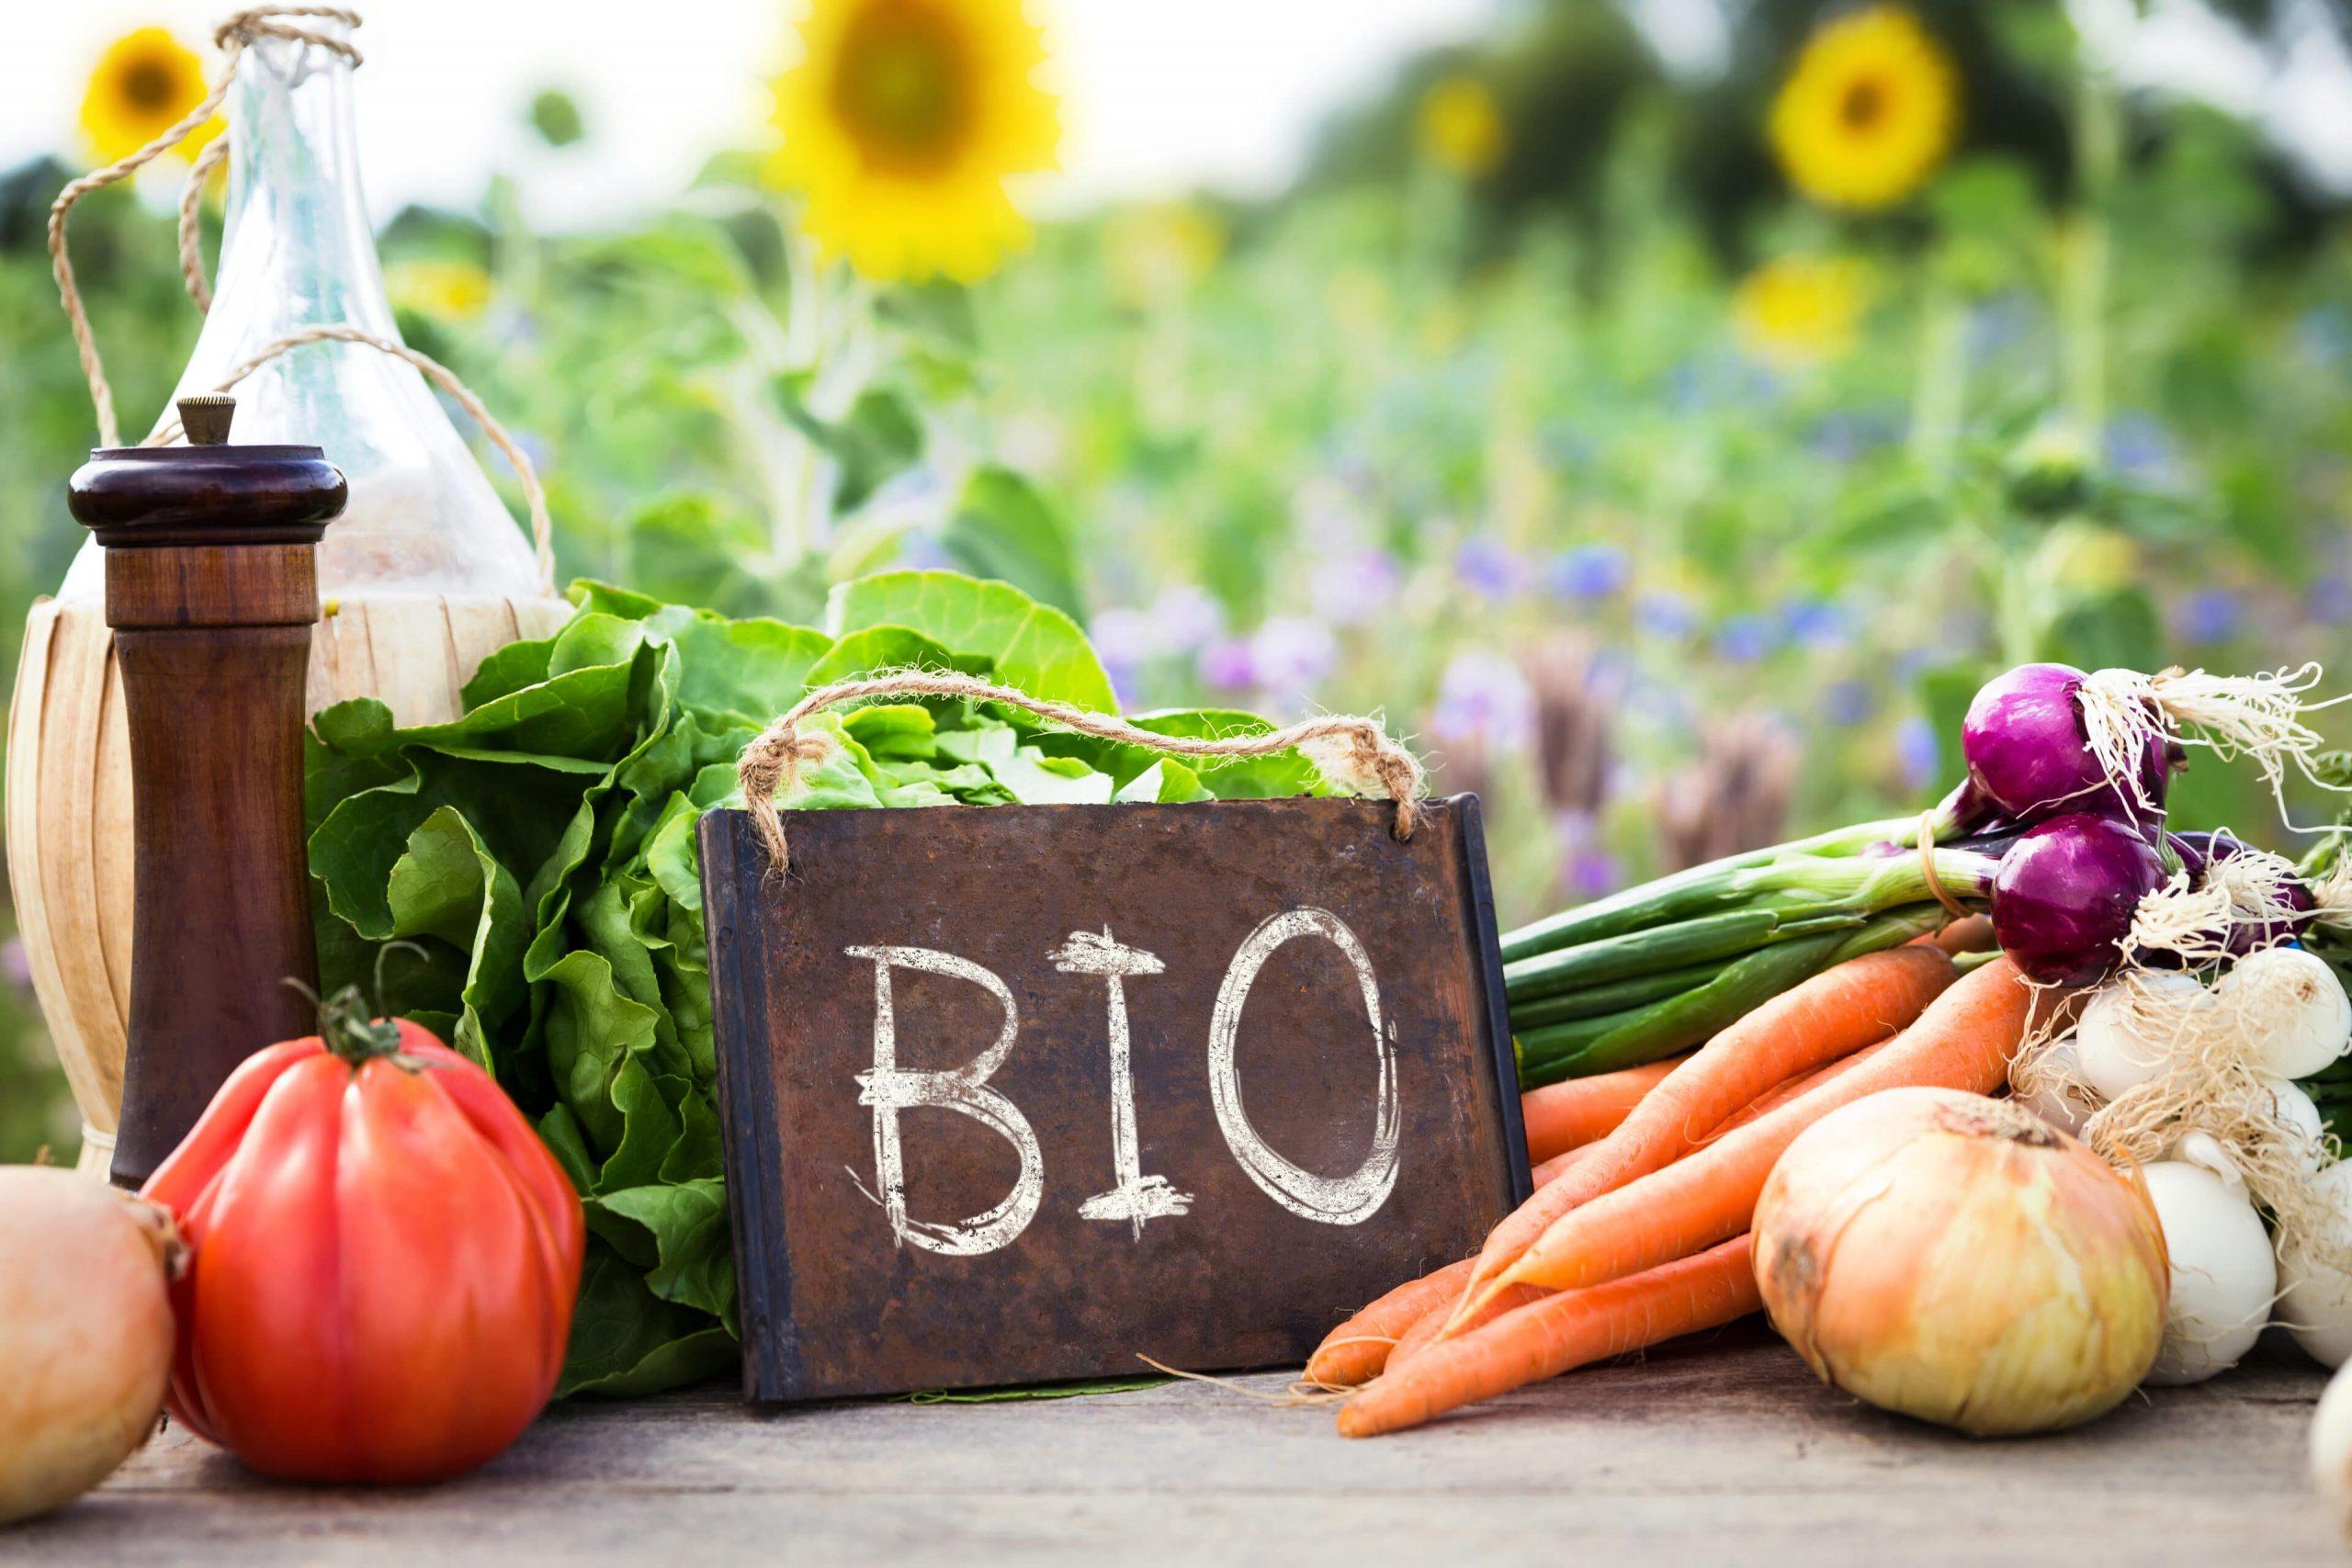 Mit is jelent az, hogy bio élelmiszer?